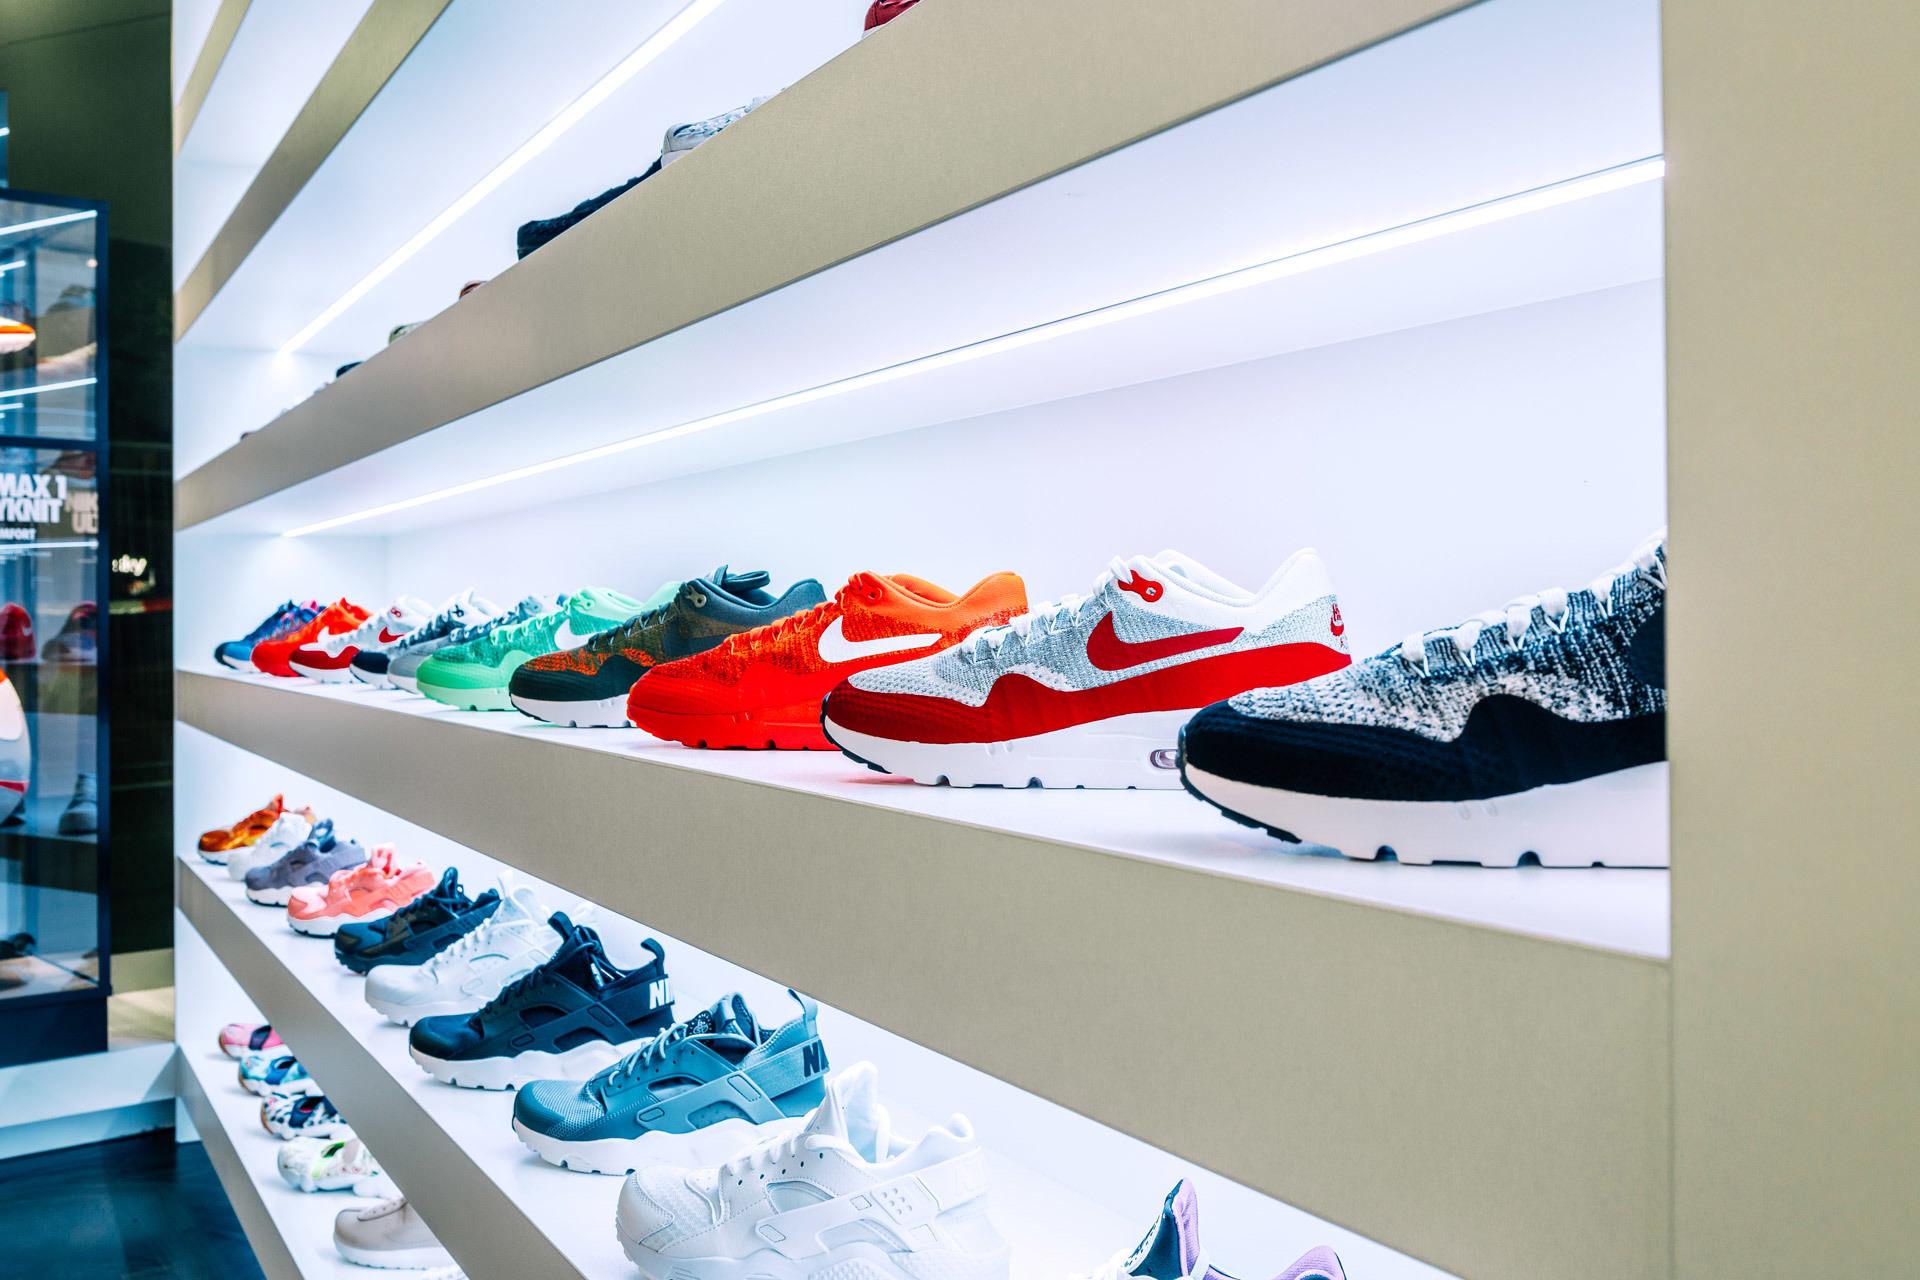 43einhalb Sneaker Store Eröffnung in Frankfurt am Main